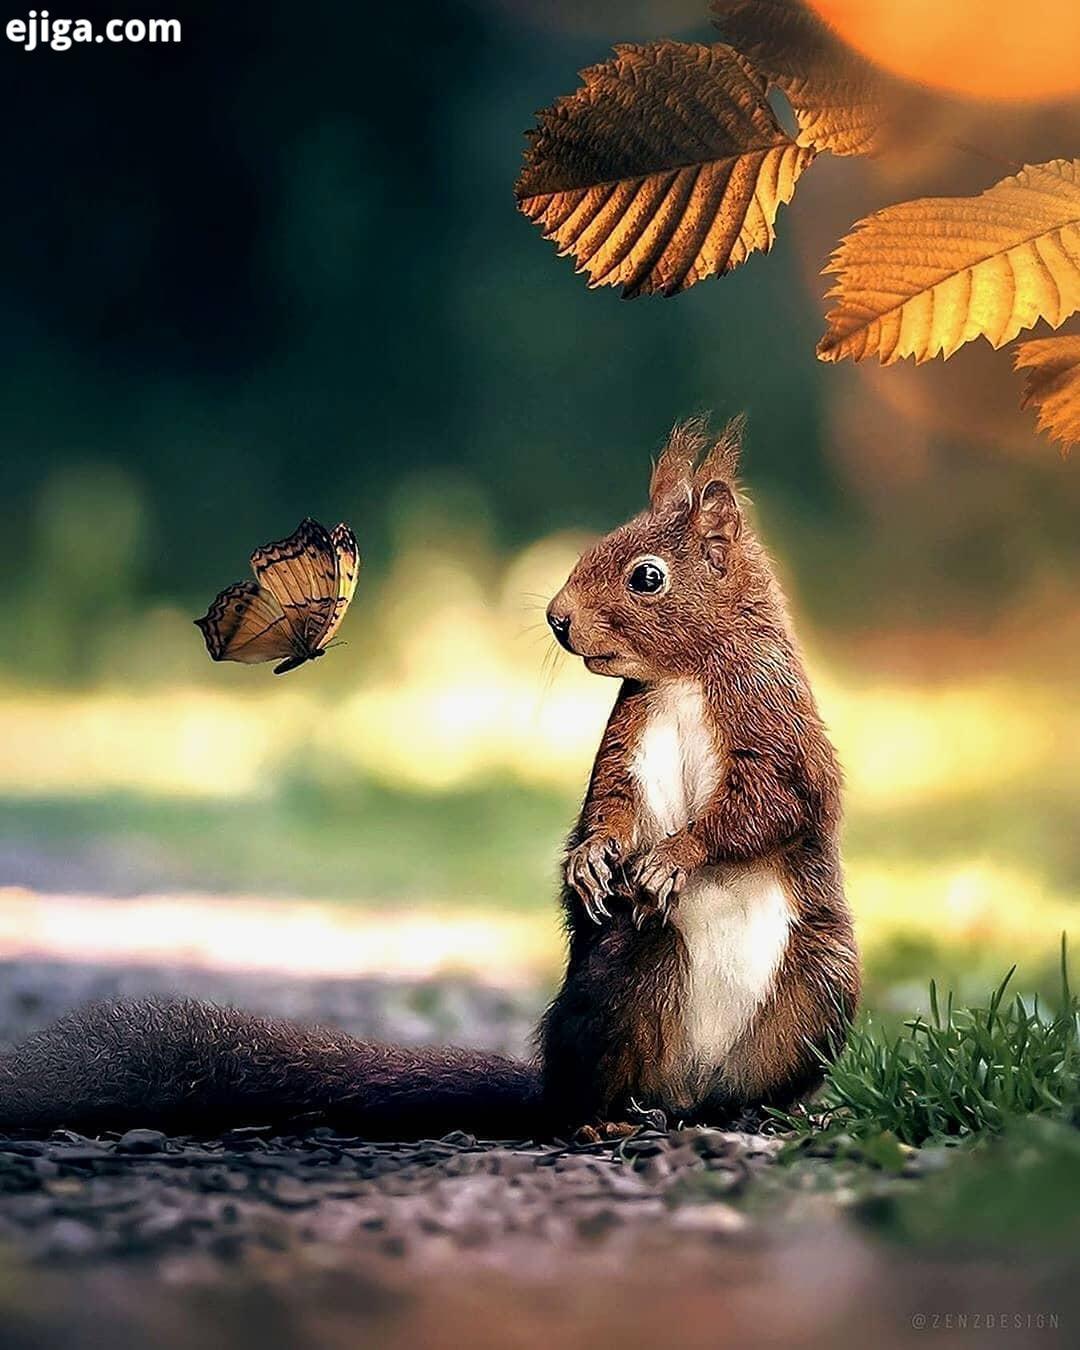 .شکار لحظه ها حیوانات حیوانات وحشی حیات وحش حیوانات زیبا طبیعت طبیعت بکر جنگل حشرات طبیعتگردی موش شک